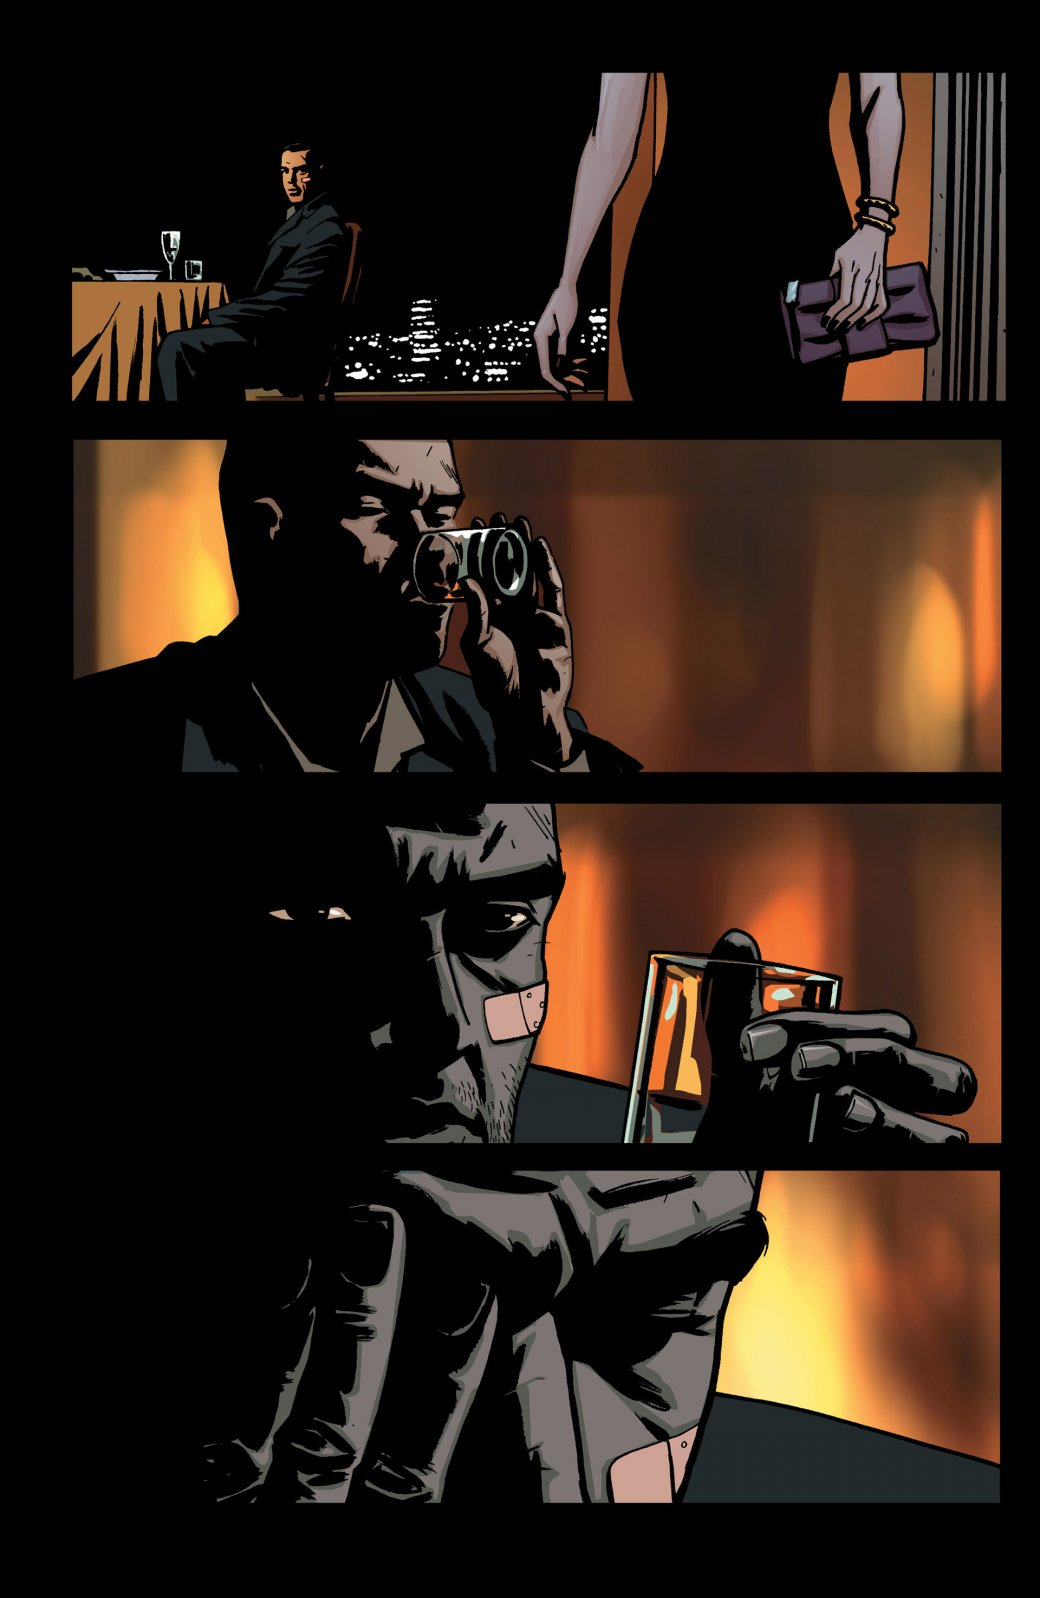 Уже скучаете по«Ходячим мертвецам»? Попробуйте комикс Киркмана Thief ofThieves огениальном воре | Канобу - Изображение 395